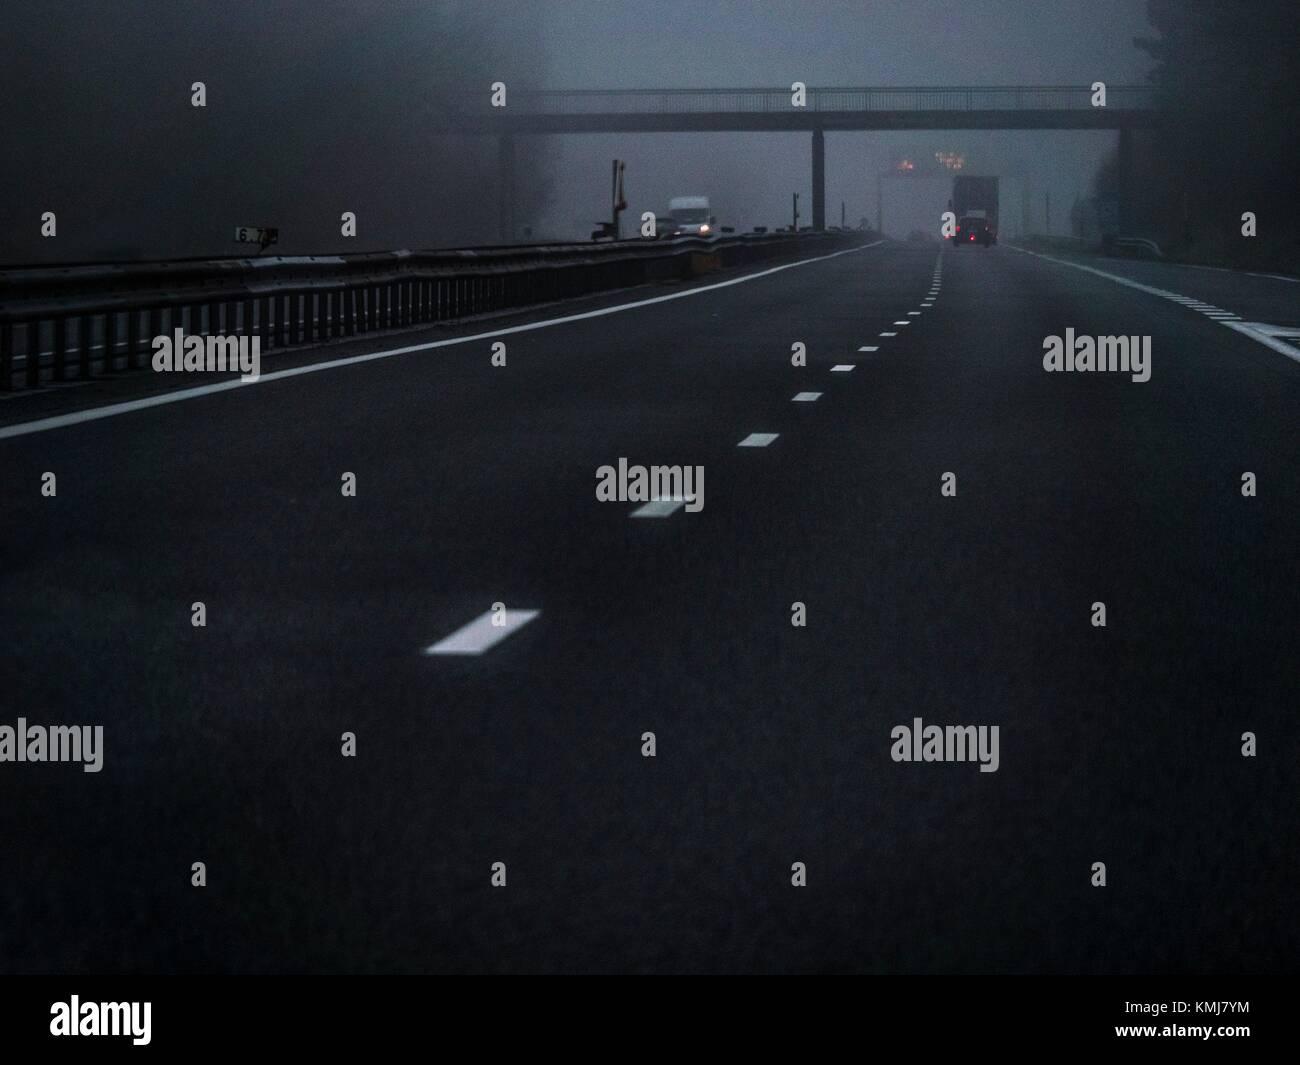 Belgium. Highway between Mons and Brussels. - Stock Image